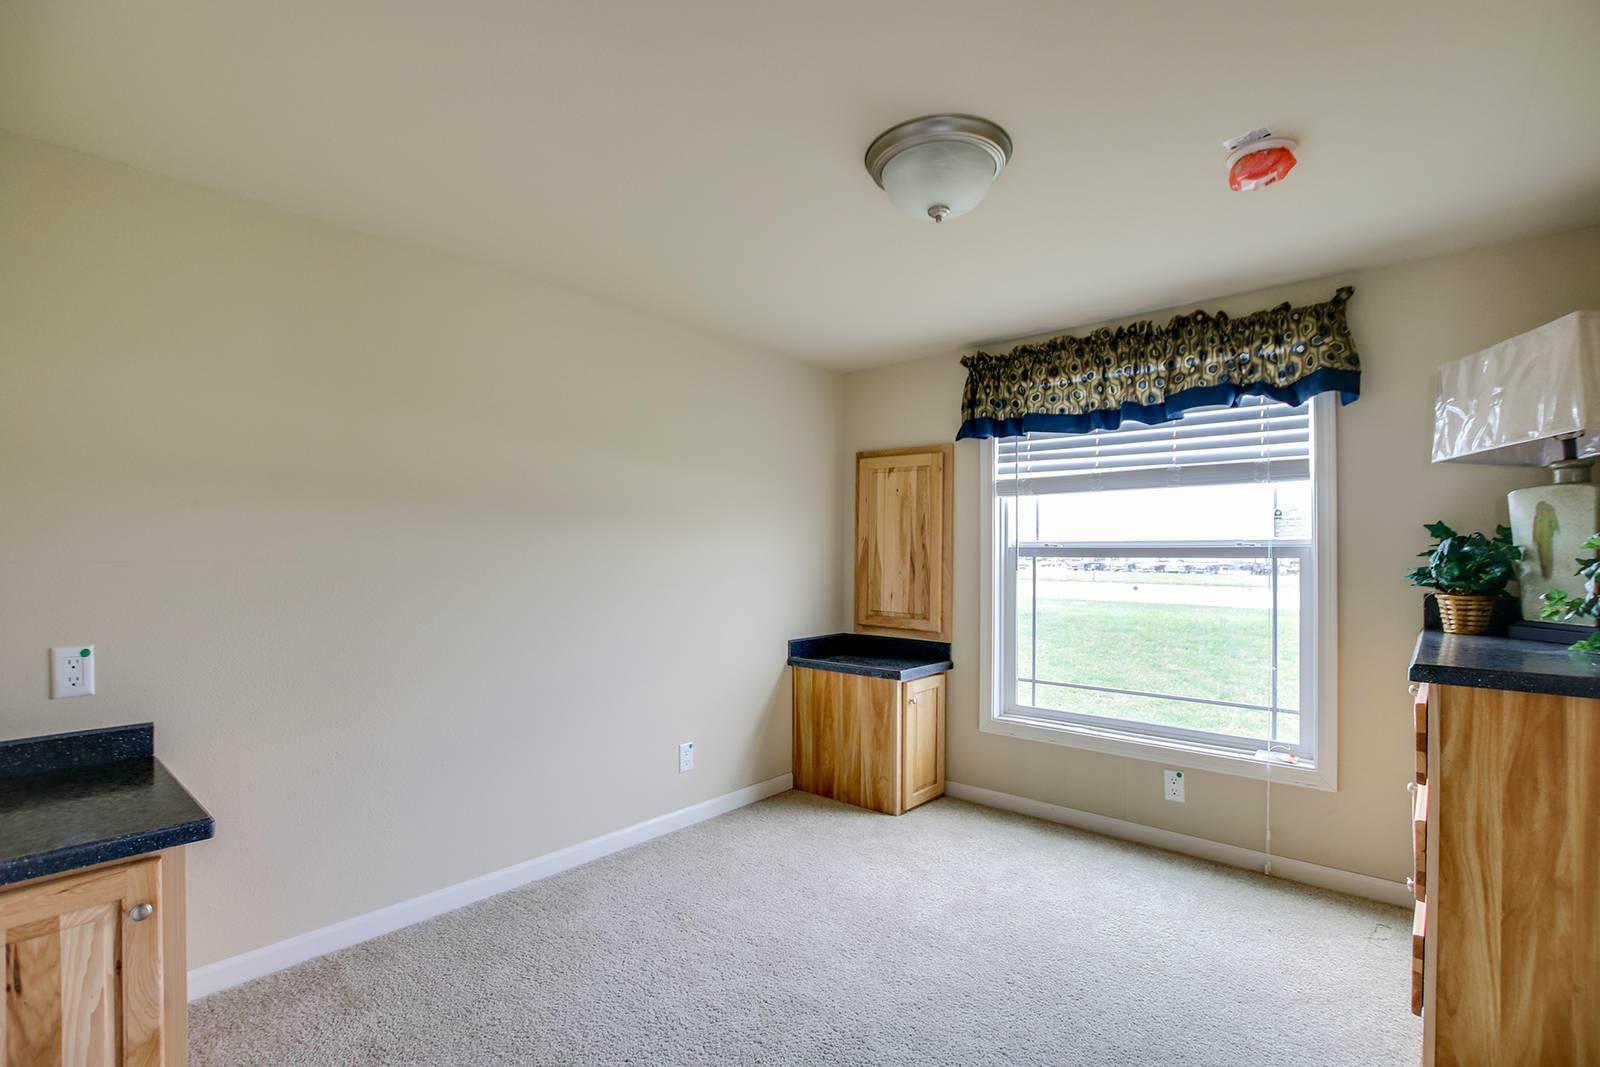 The Garner APH-514 Bedroom